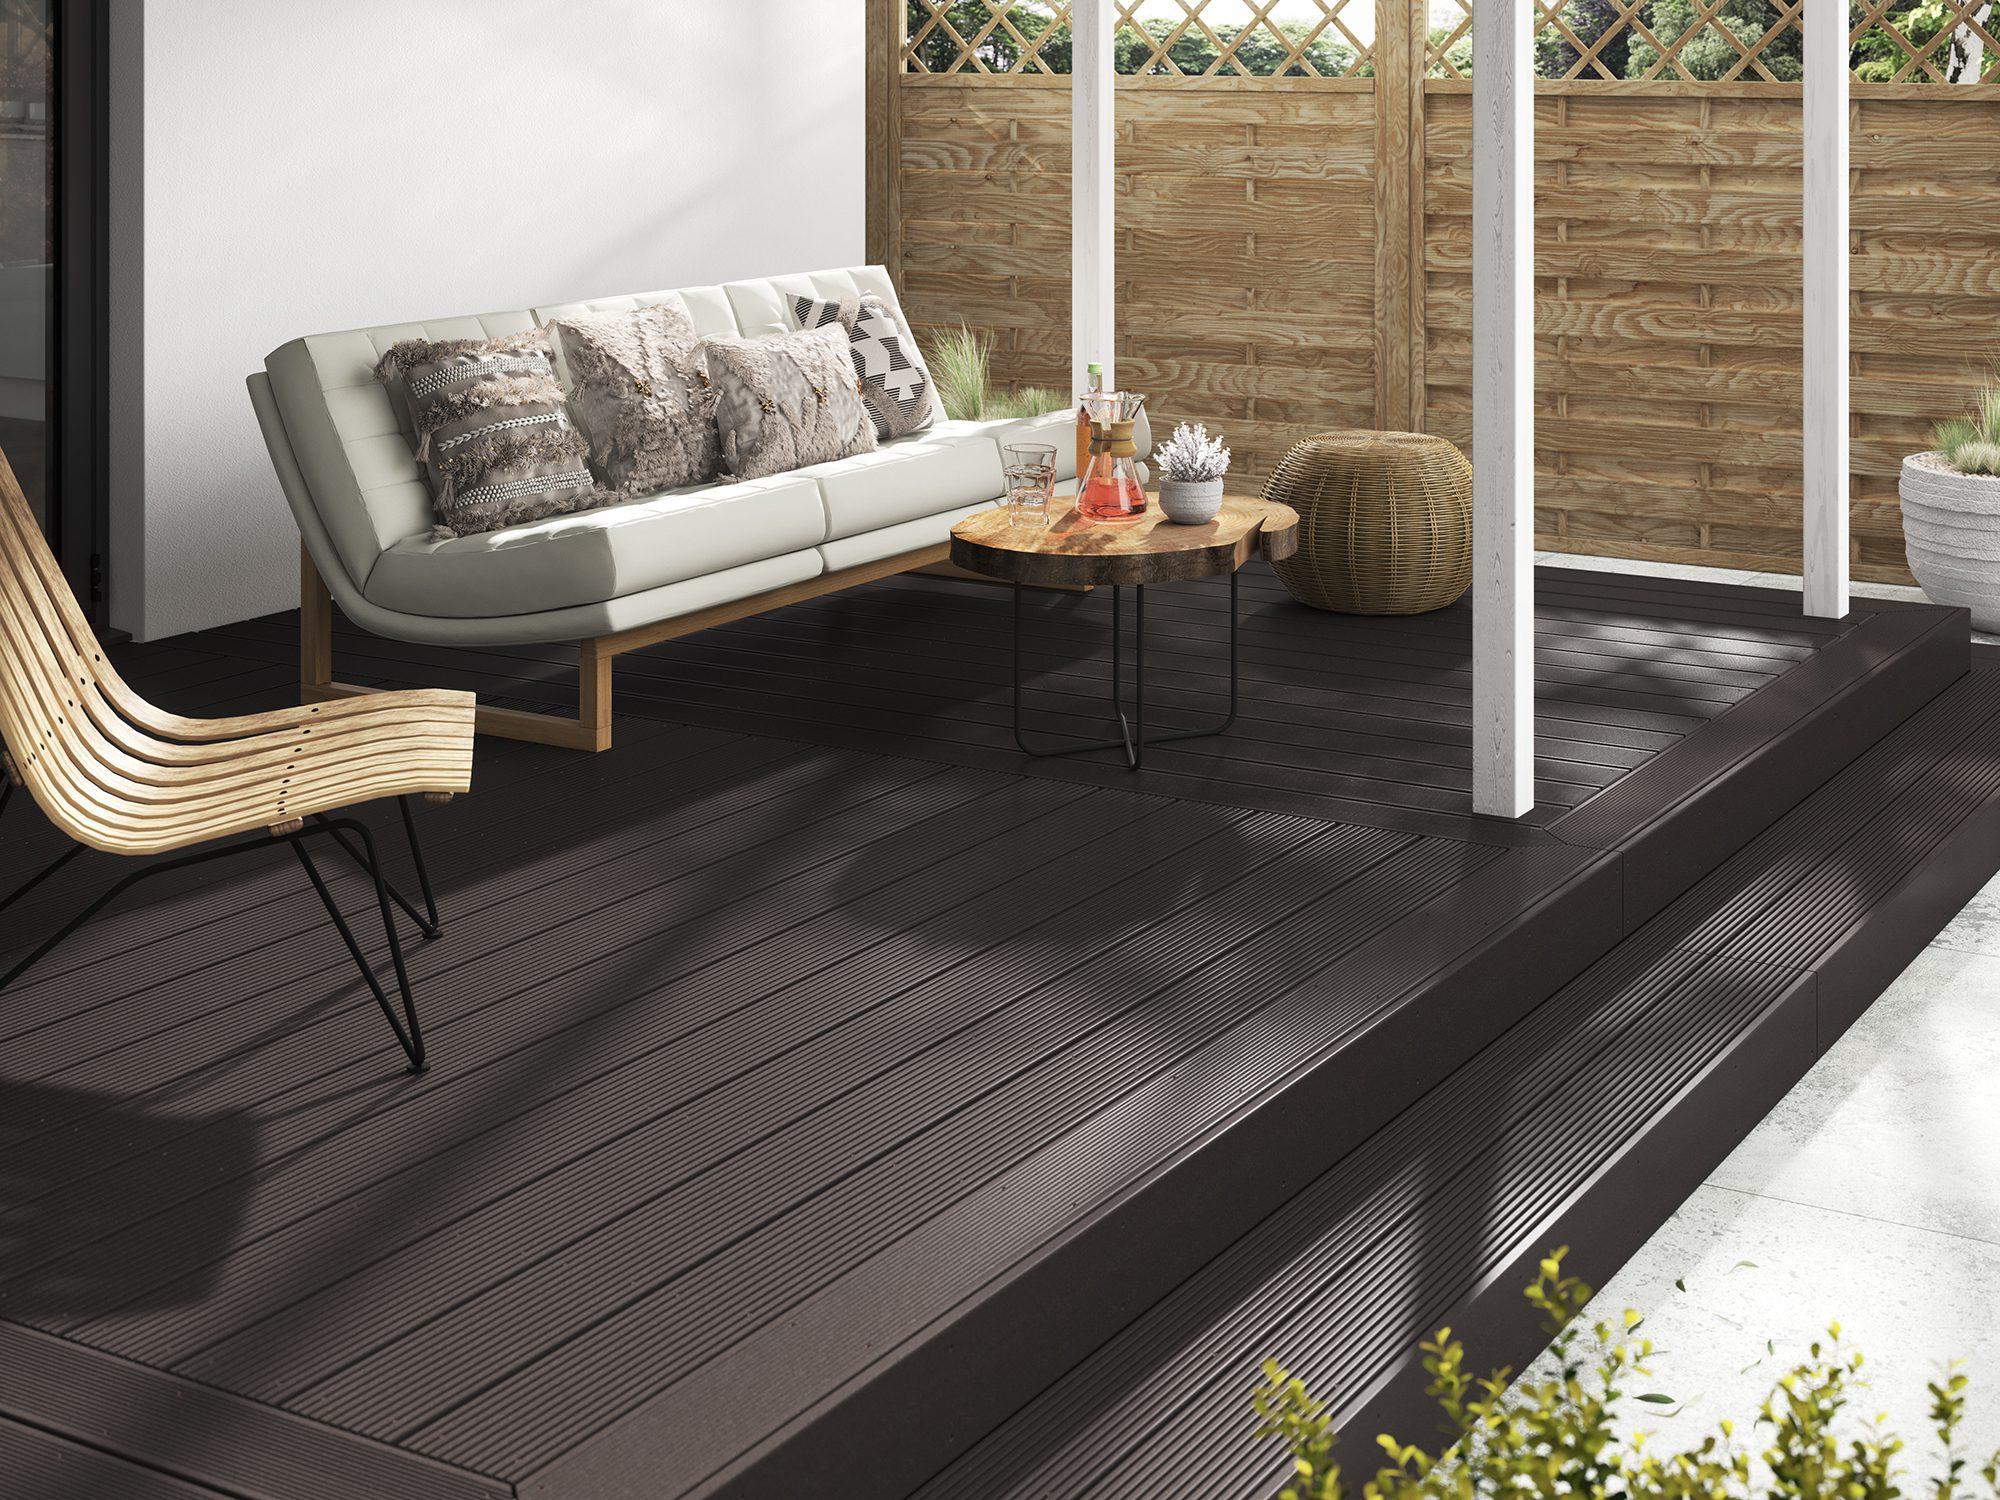 Dark brown solid composite decking